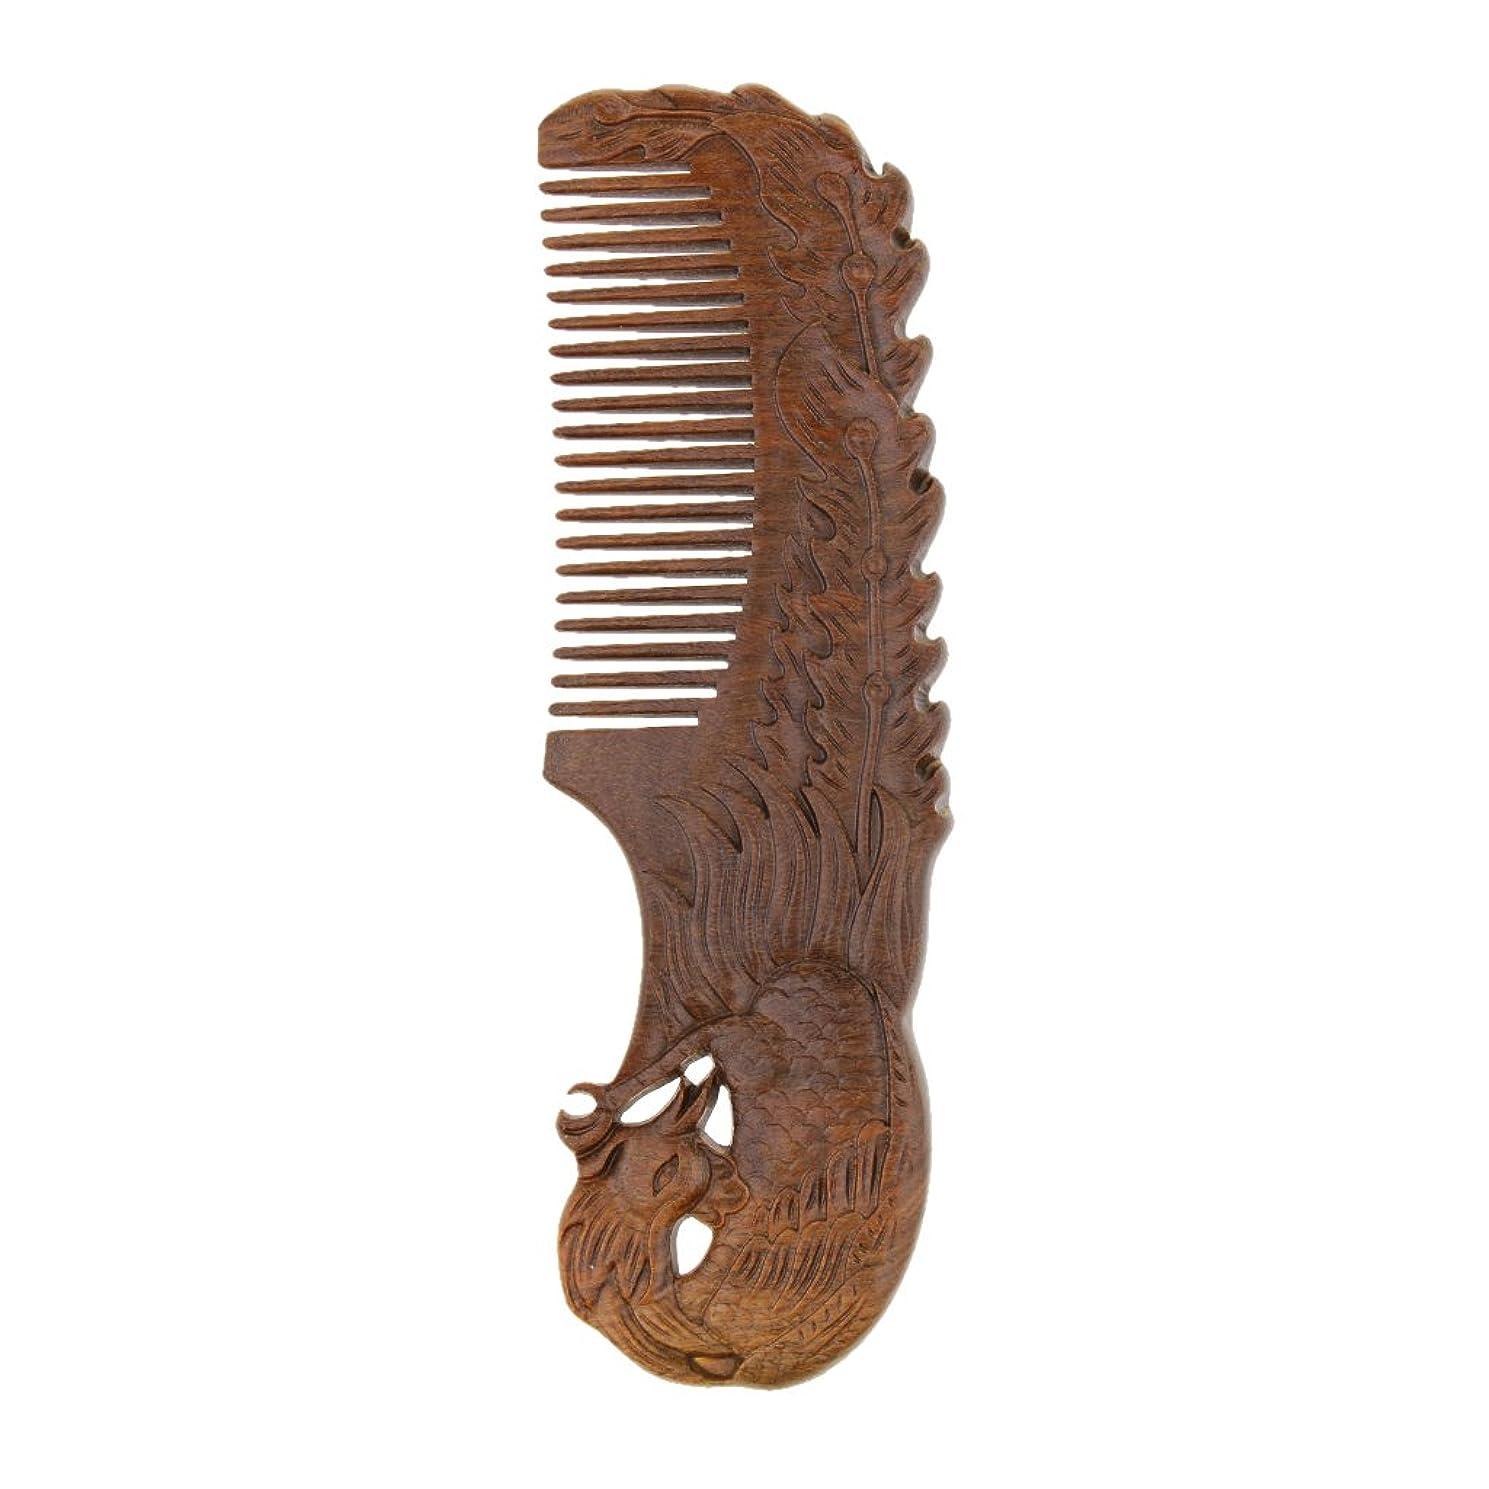 下品ネックレス難しいDYNWAVE 全2種類 ヘアコーム ヘアブラシ 木製 櫛 ポケットサイズ 女性 ギフト - Phoenix